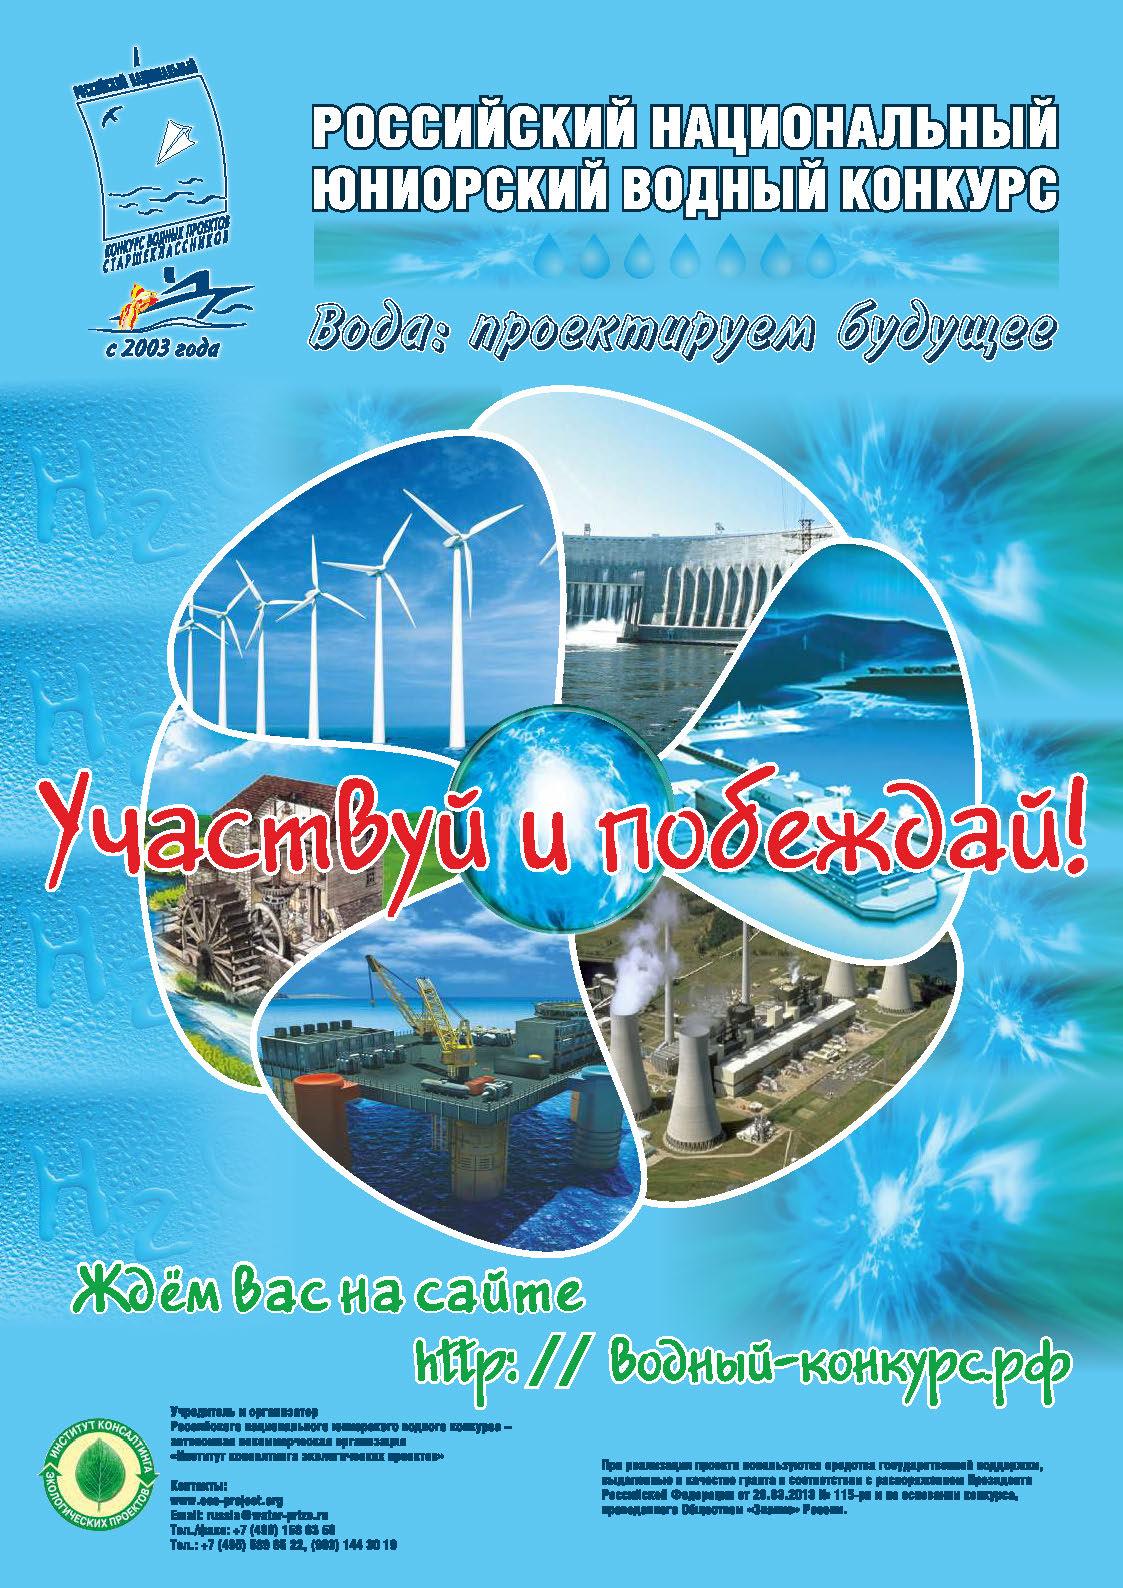 Российский национальный юниорский водный конкурс